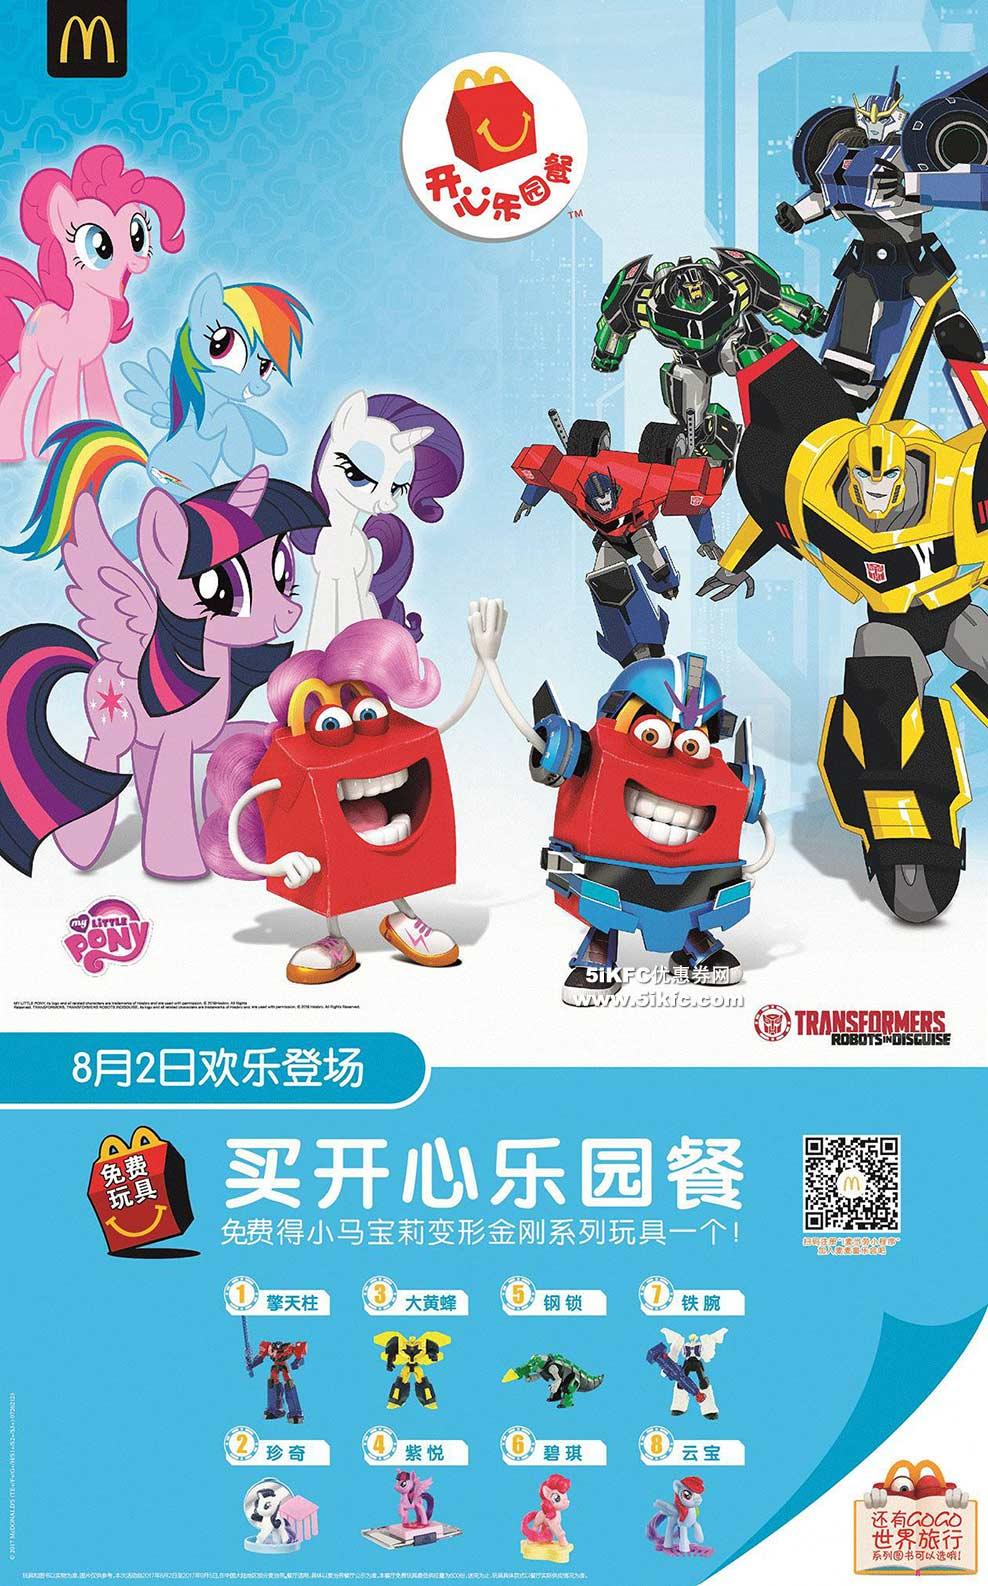 麦当劳开心乐园餐免费得小马宝莉变形金刚系列玩具